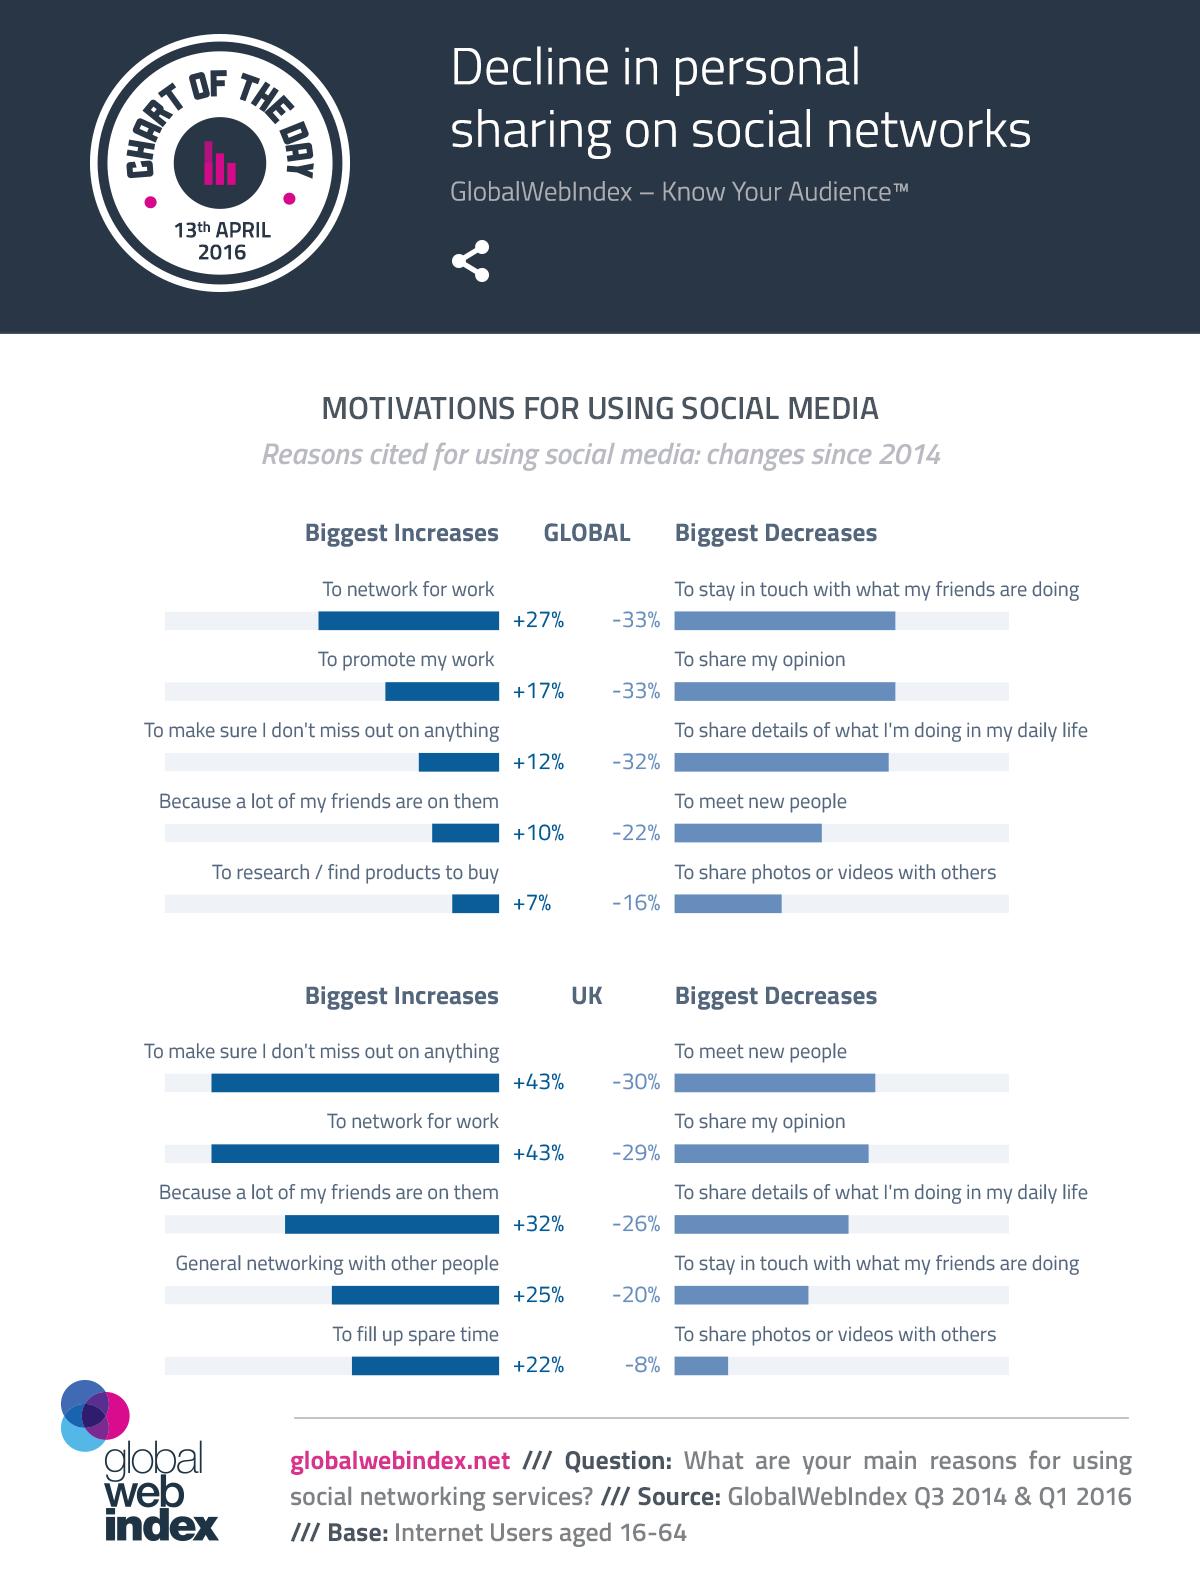 Disminución de la participación personal en las redes sociales